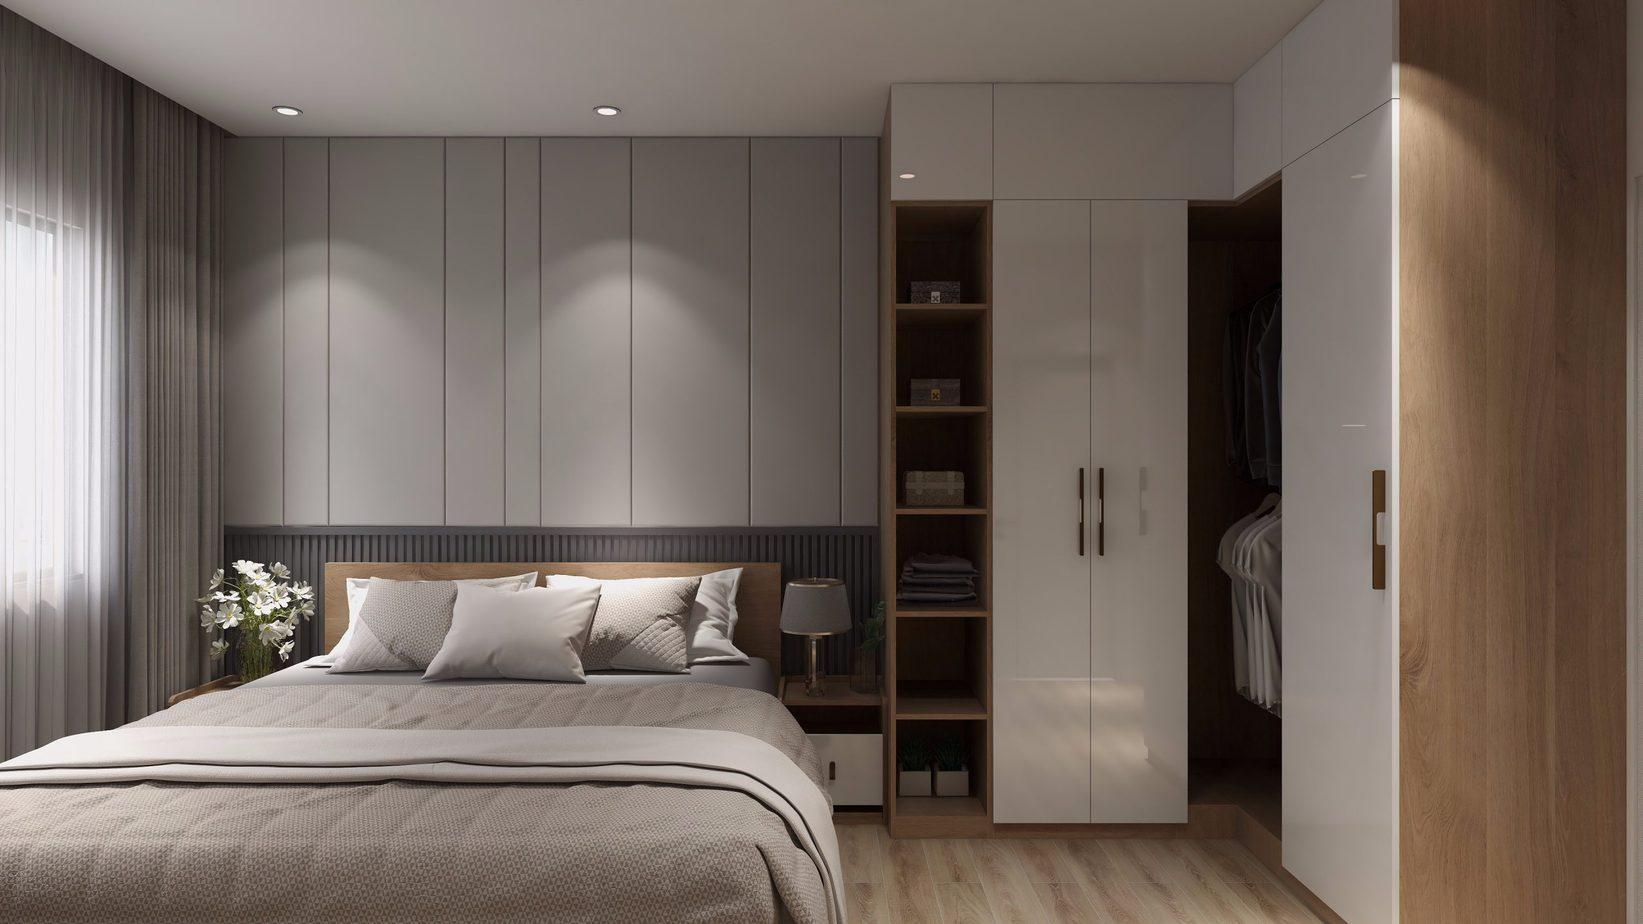 Sử dụng đồng bộ chất liệu các sản phẩm nội thất sẽ giúp căn phòng thêm sang trọng và cuốn hút hơn.